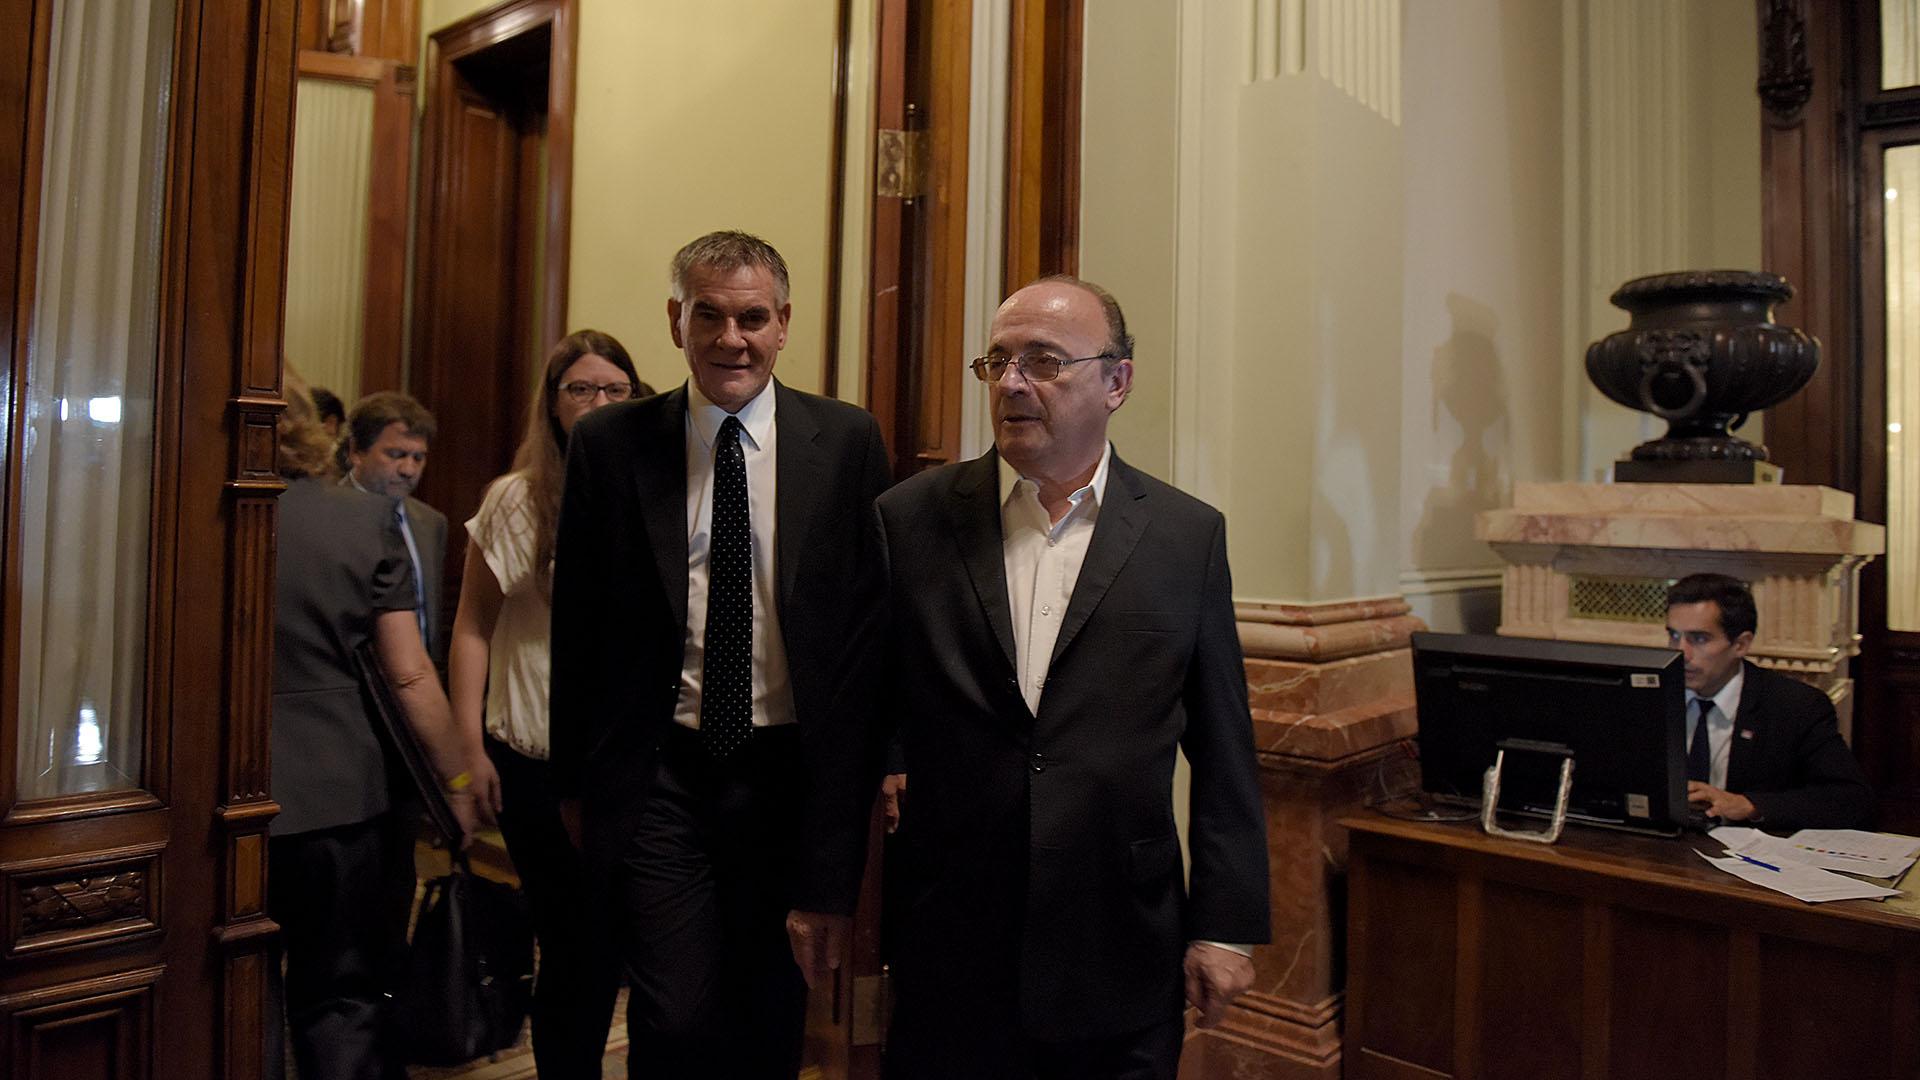 Los legisladores Carlos Castagneto y Leopoldo Moreau